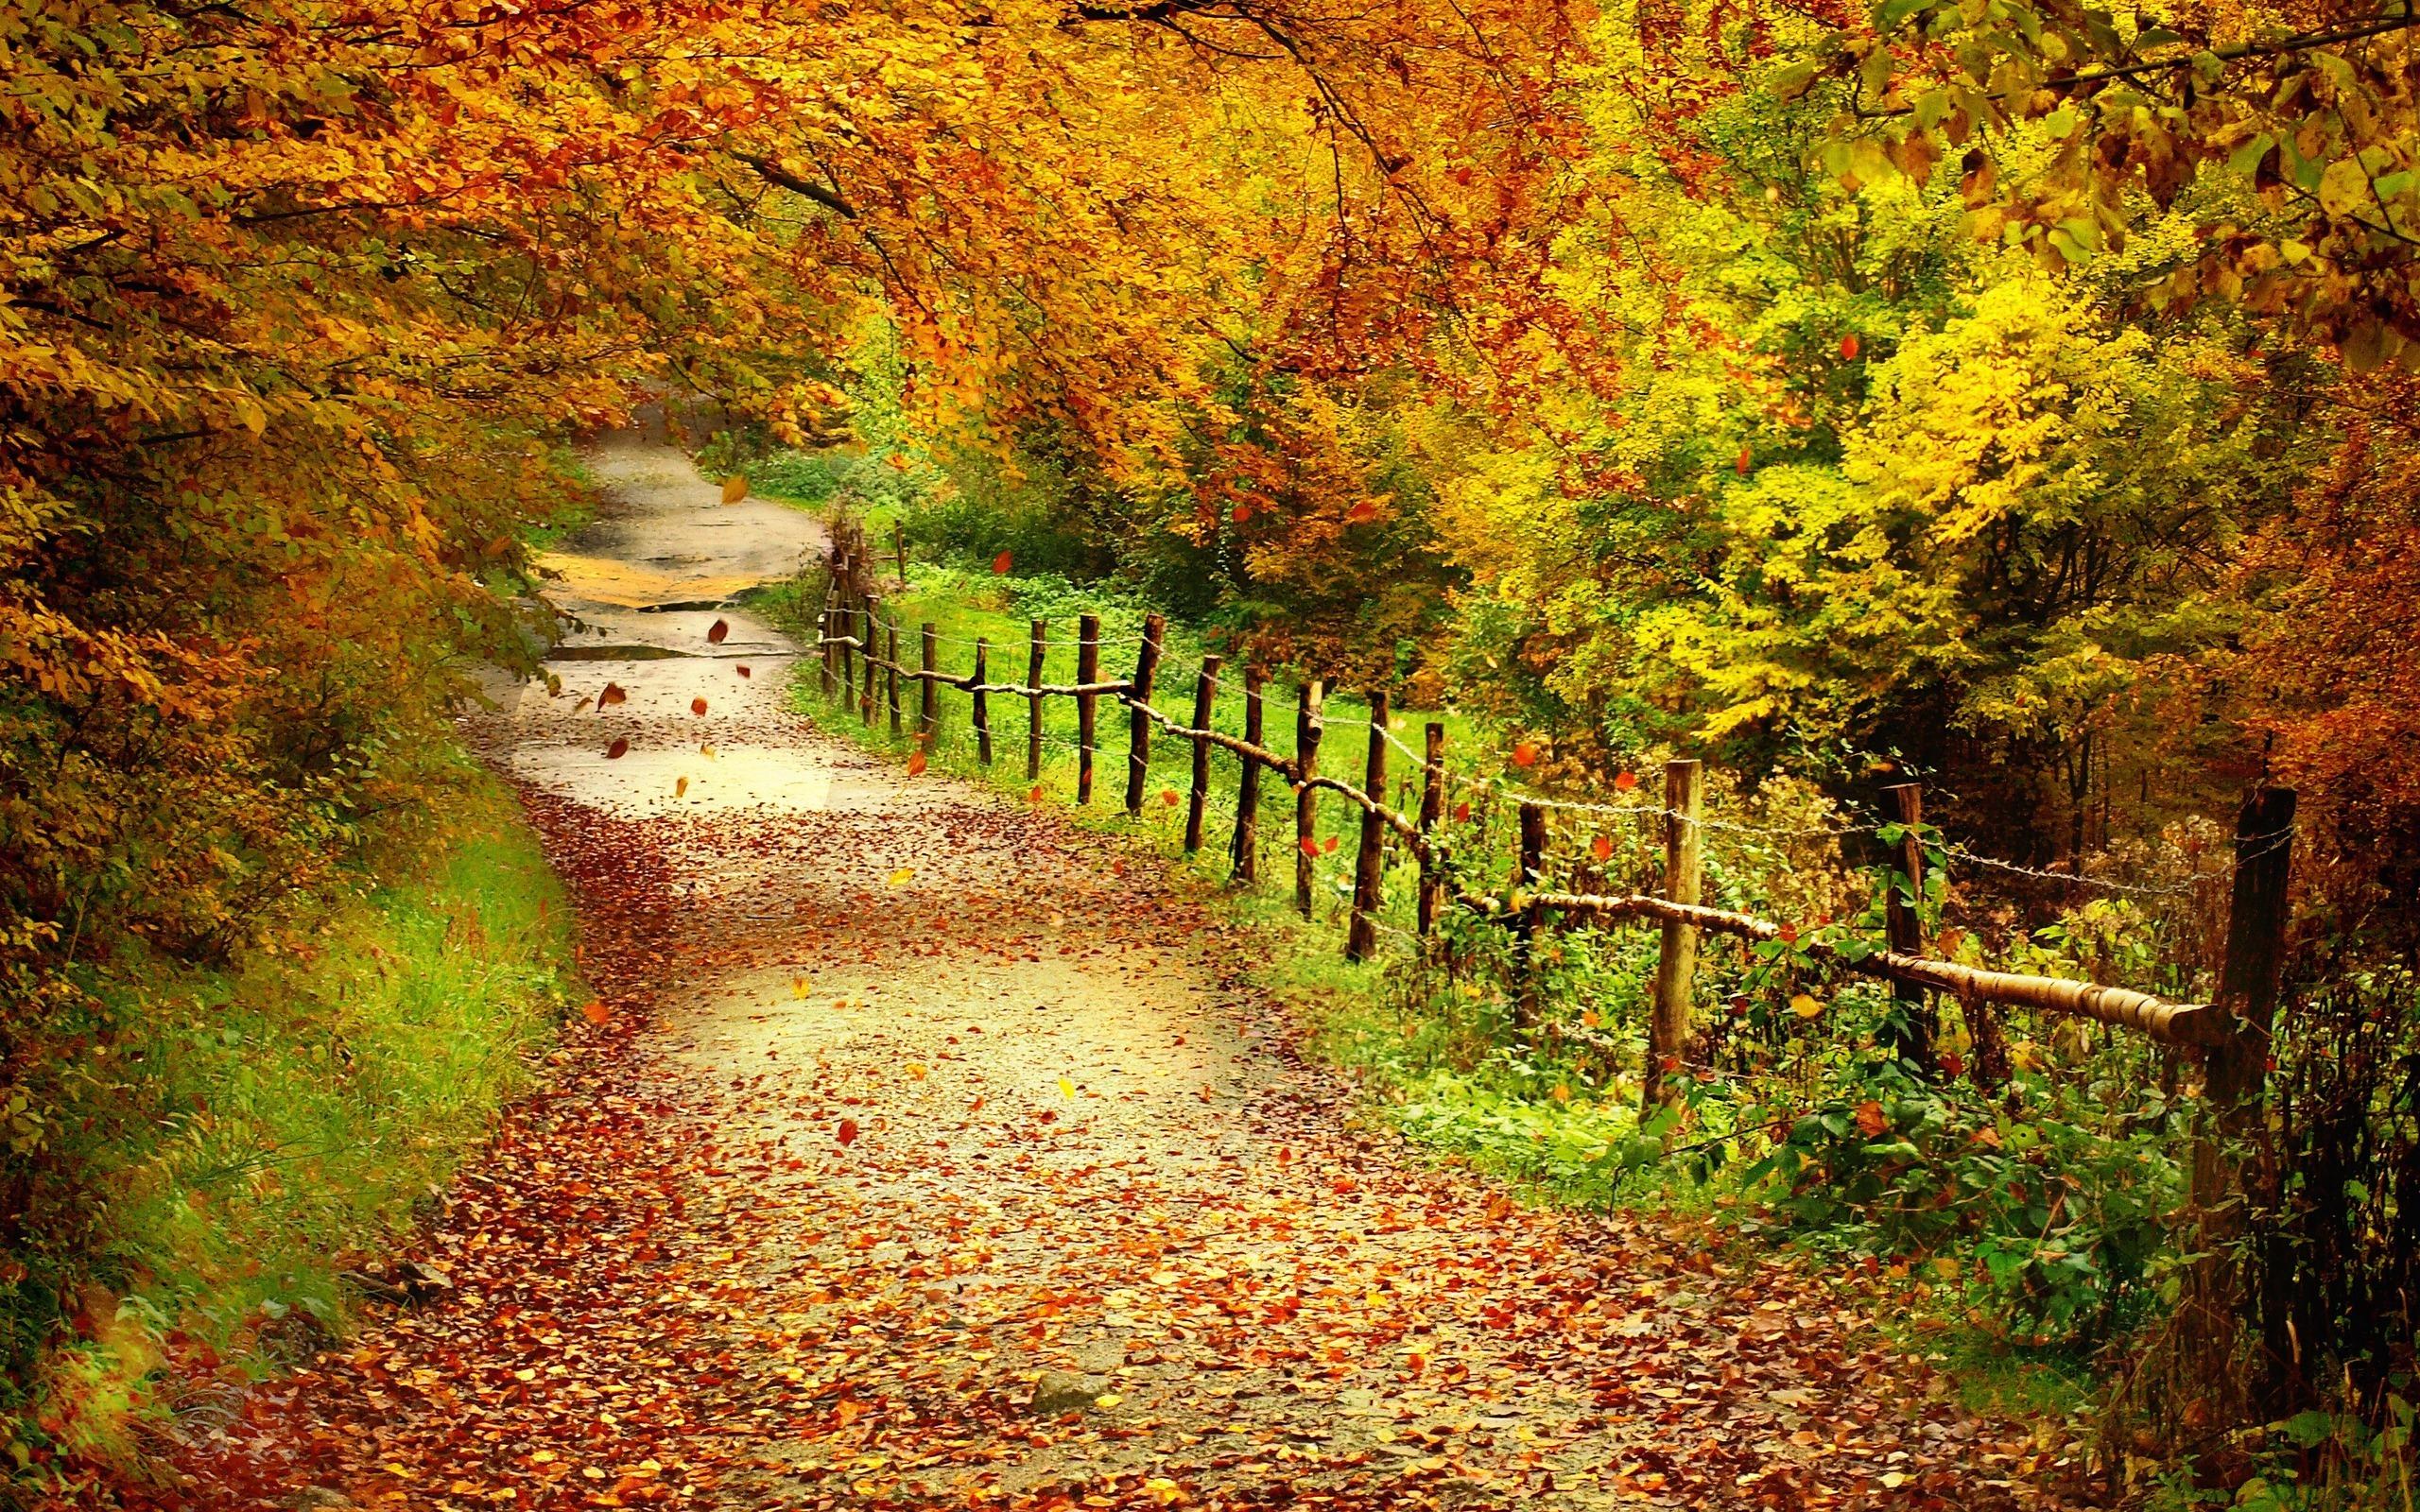 autumn scenes   Desktop Wallpaper 2560x1600